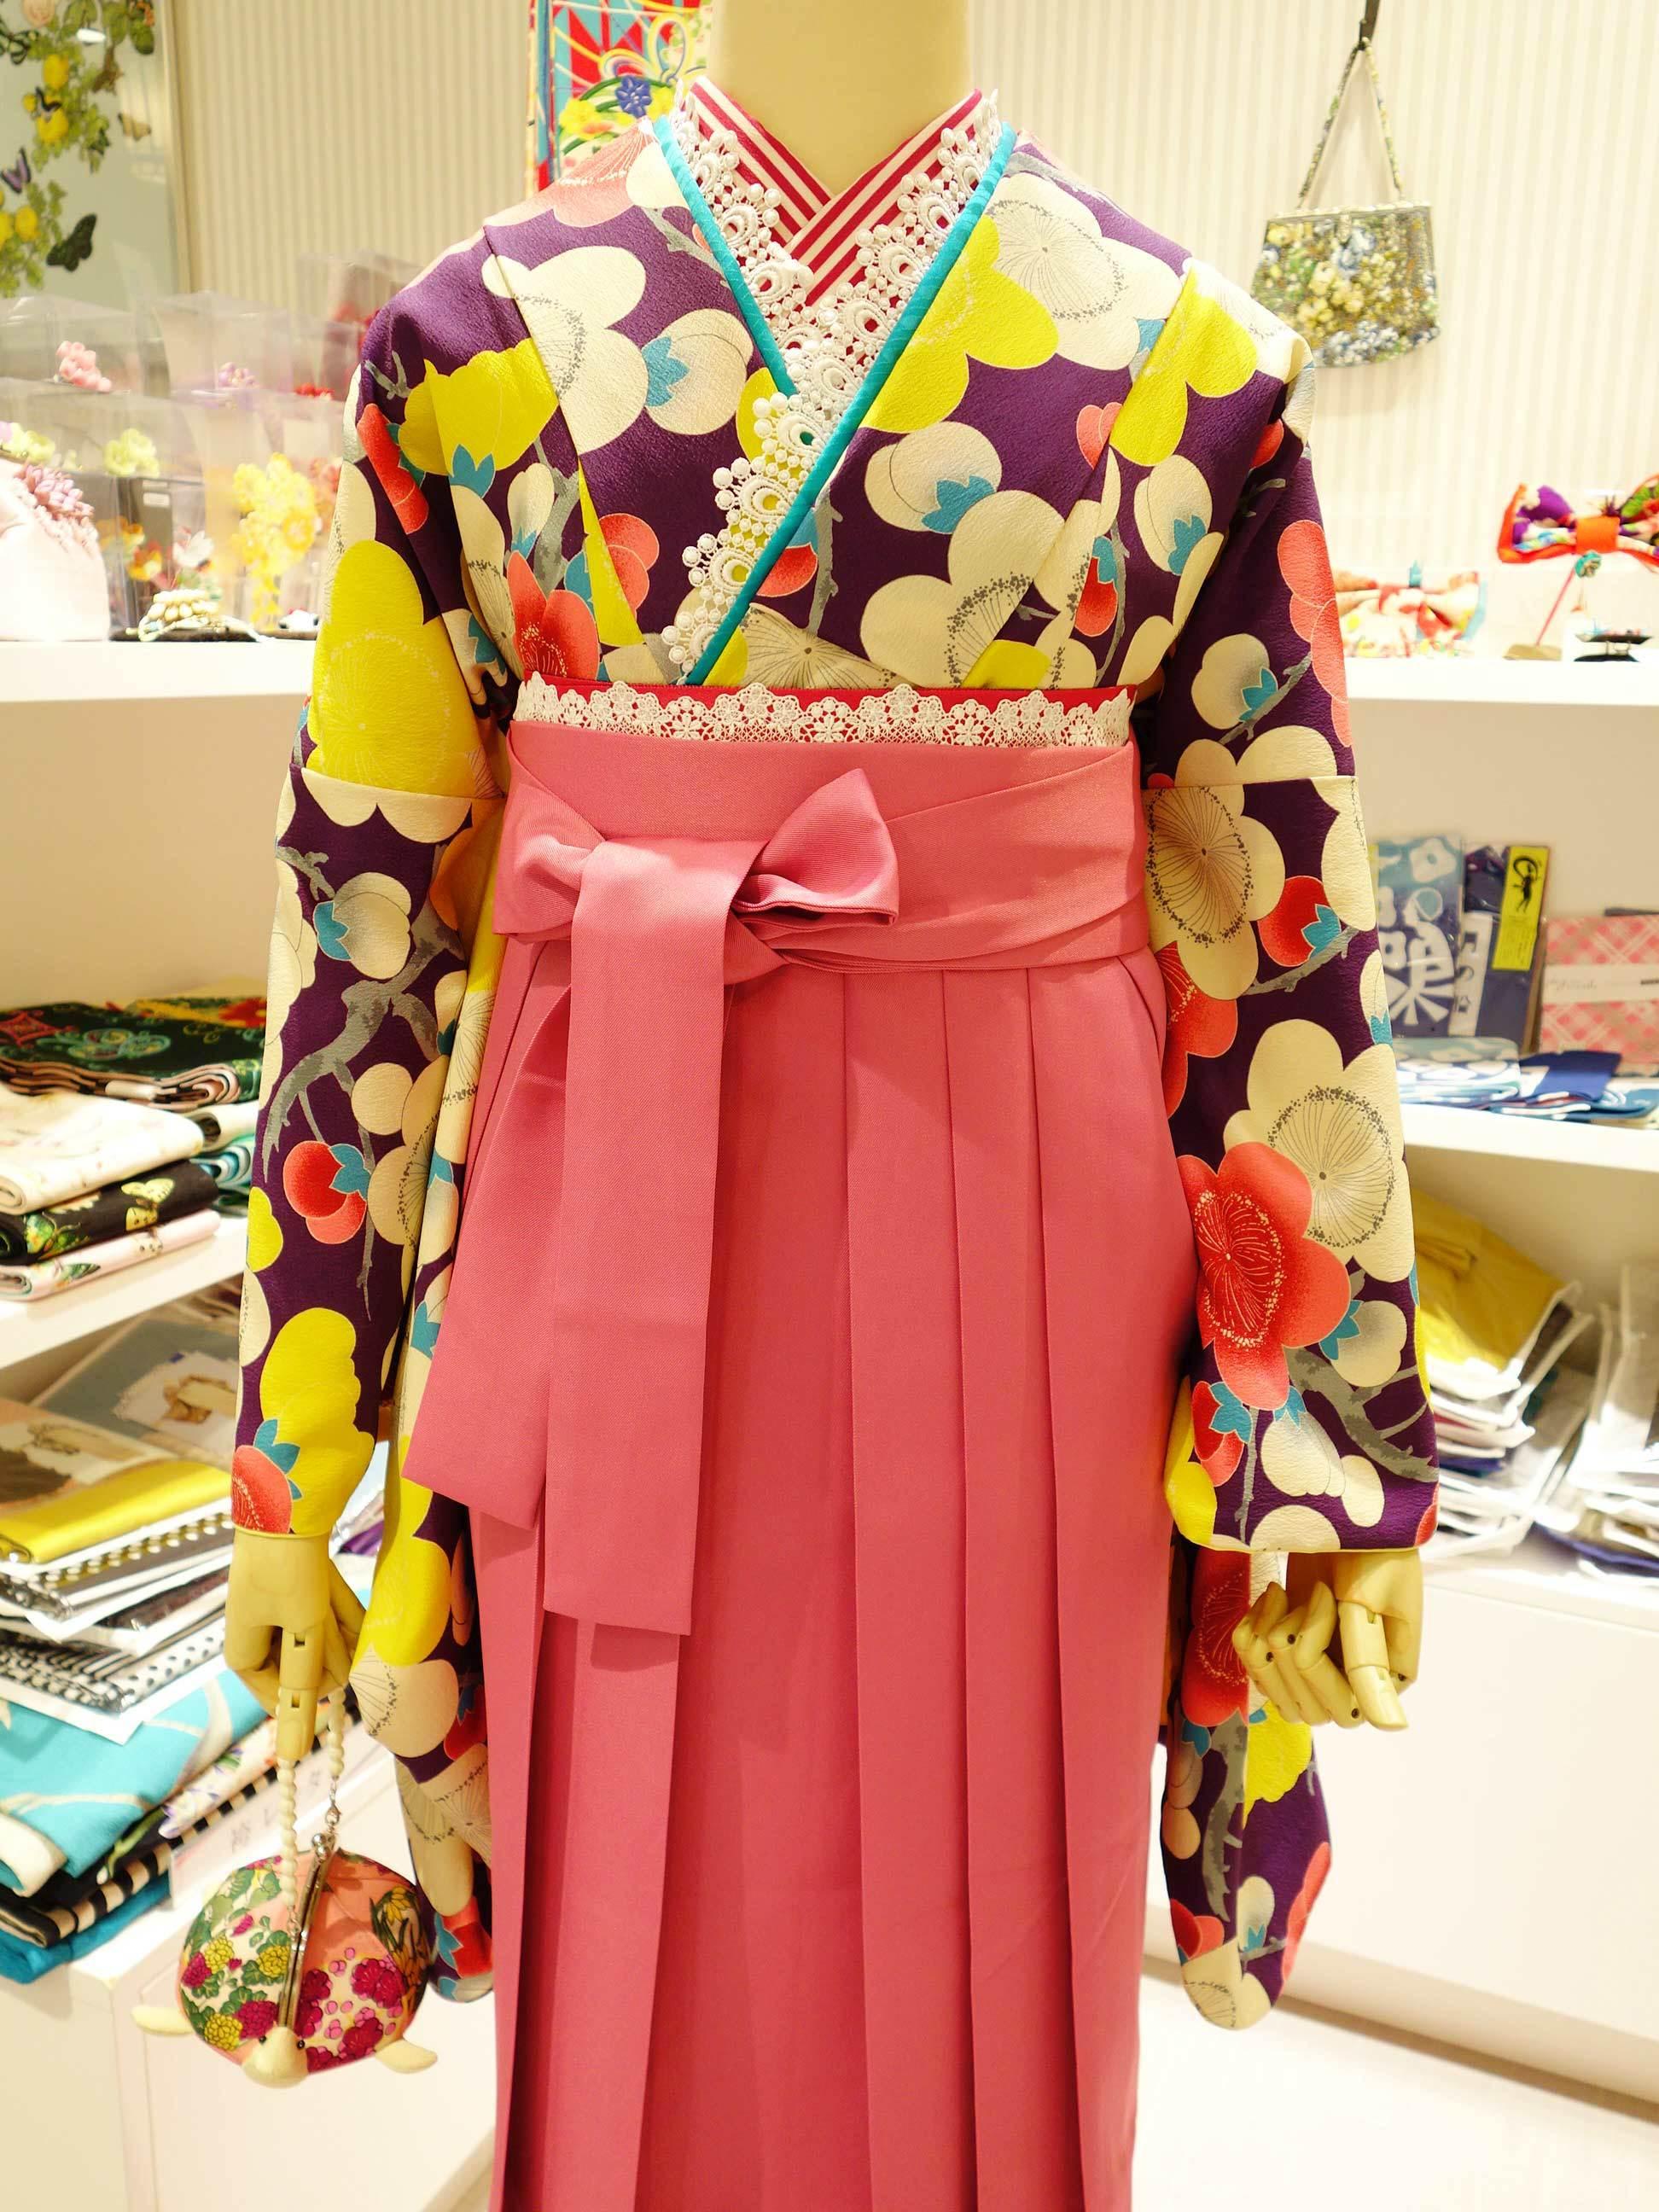 袴レンタル*紫梅×ピンク袴バージョン_e0167832_20274815.jpg